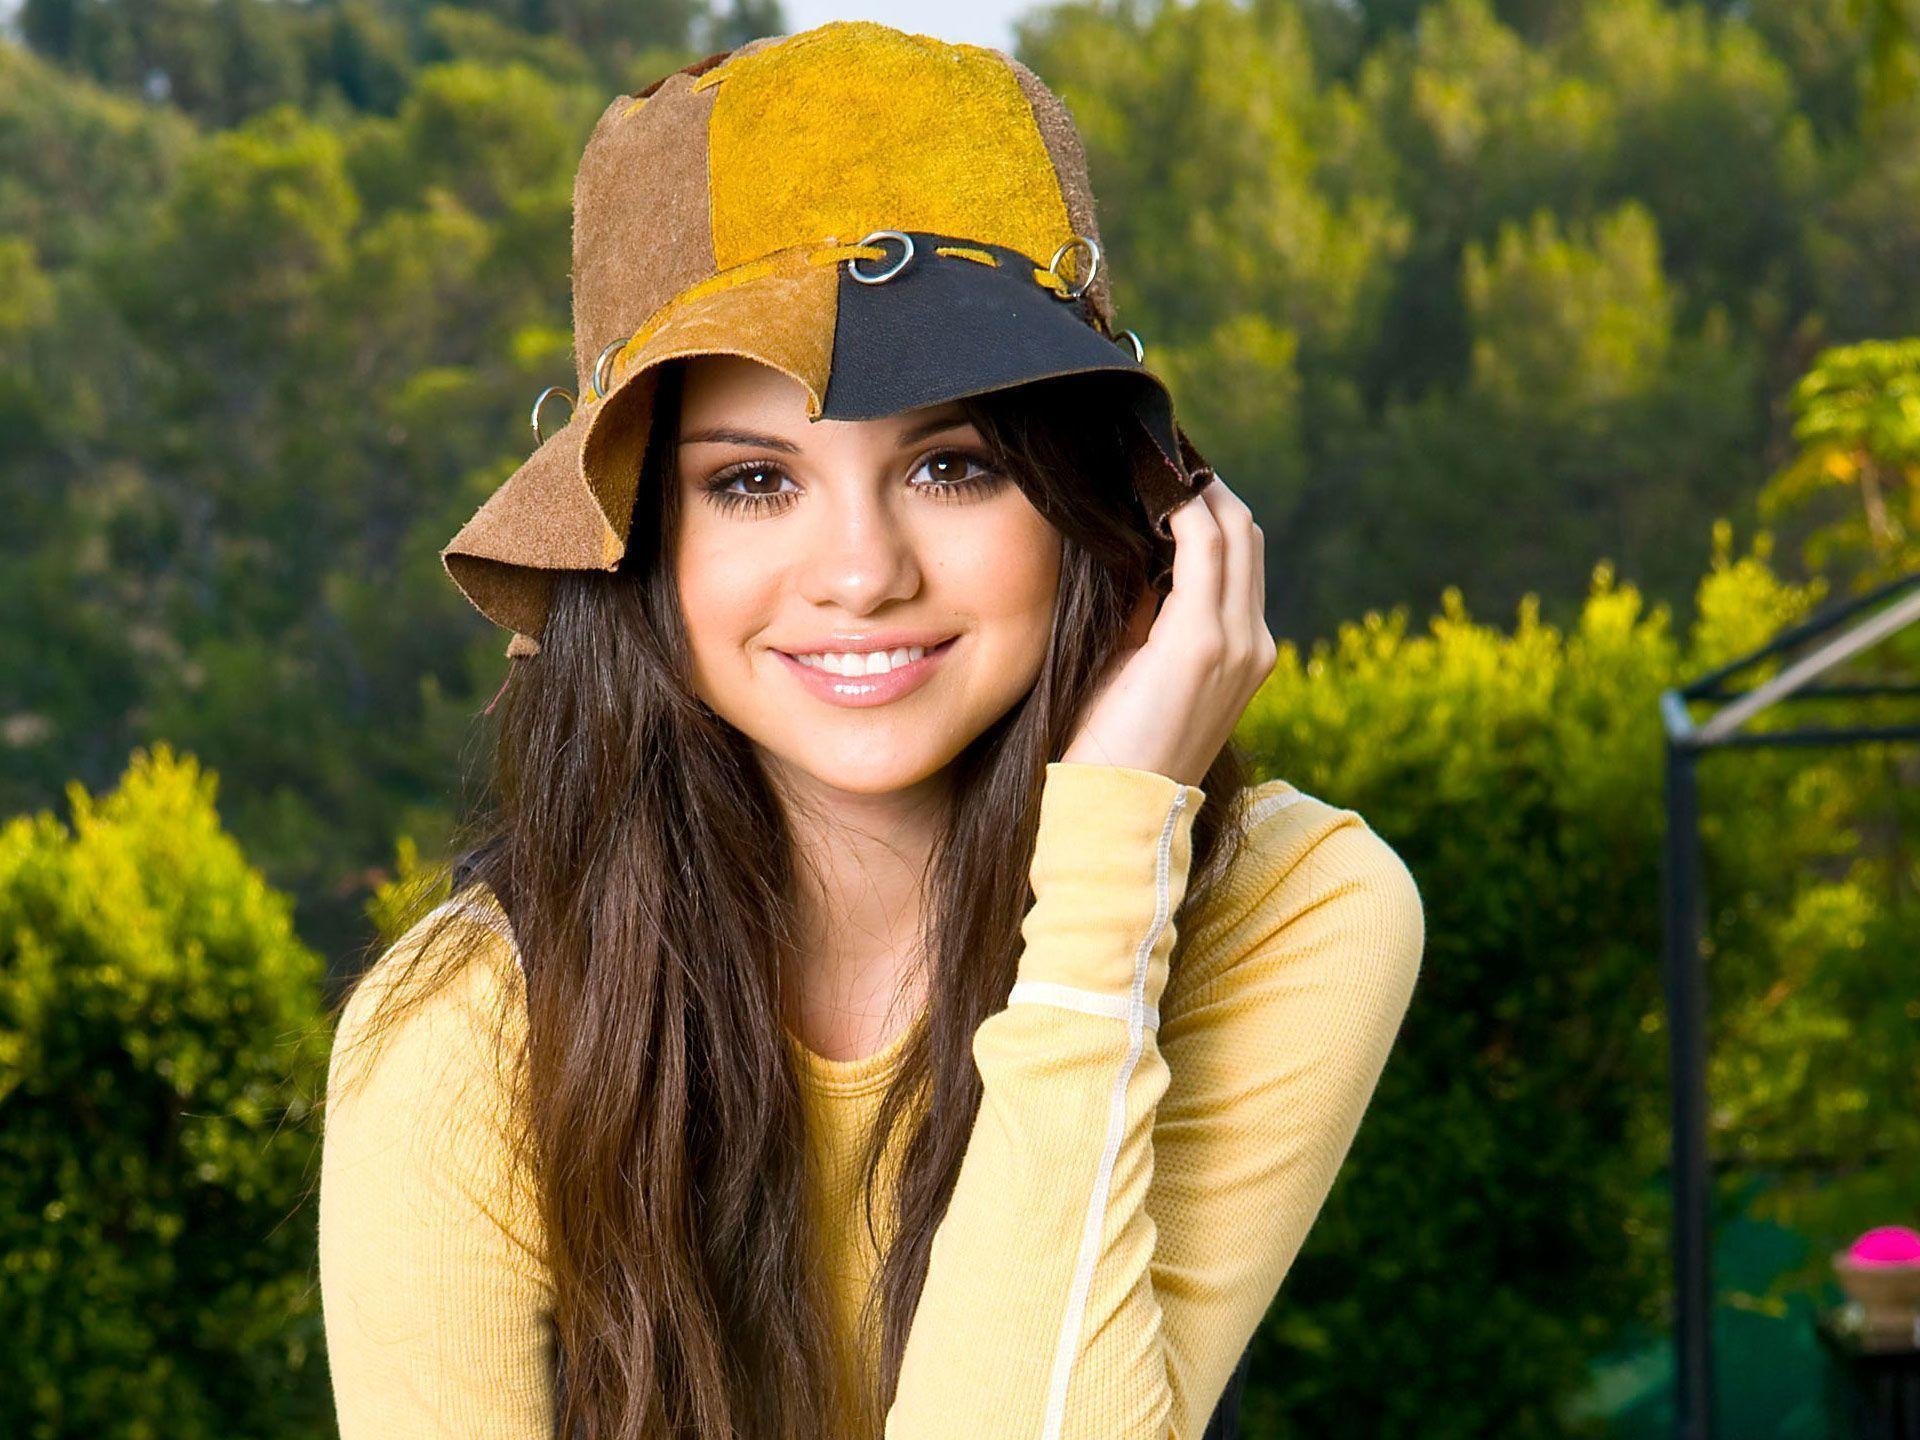 Selena Gomez Wallpapers | Wallpapers Top 10